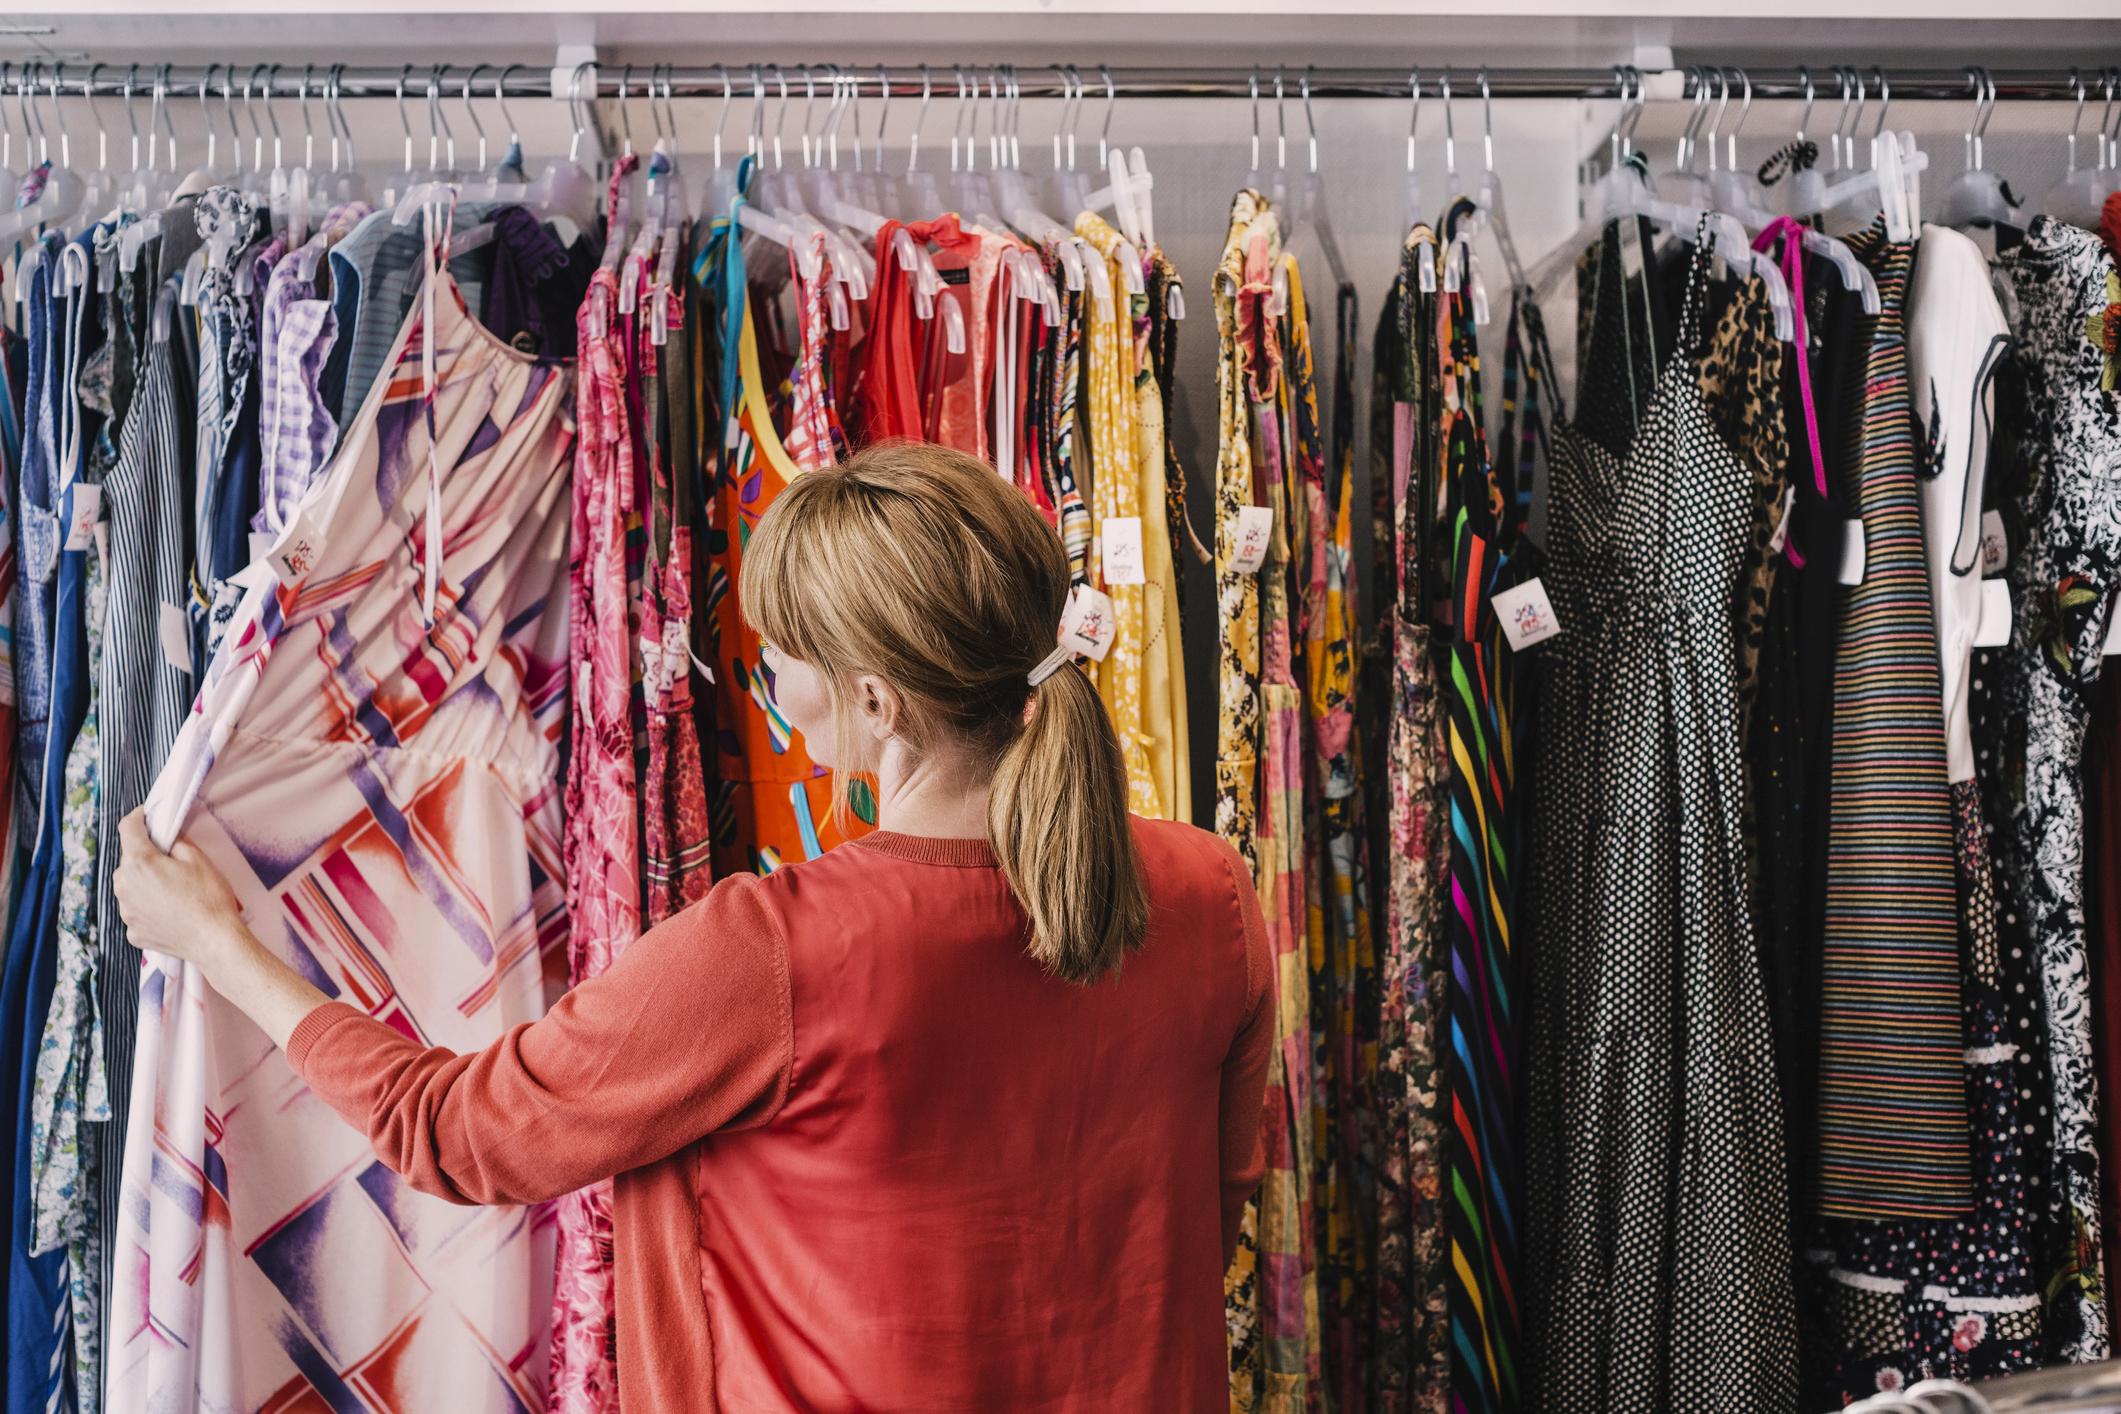 Haine pentru femei, îmbrăcăminte damă pentru toate gusturile și stările